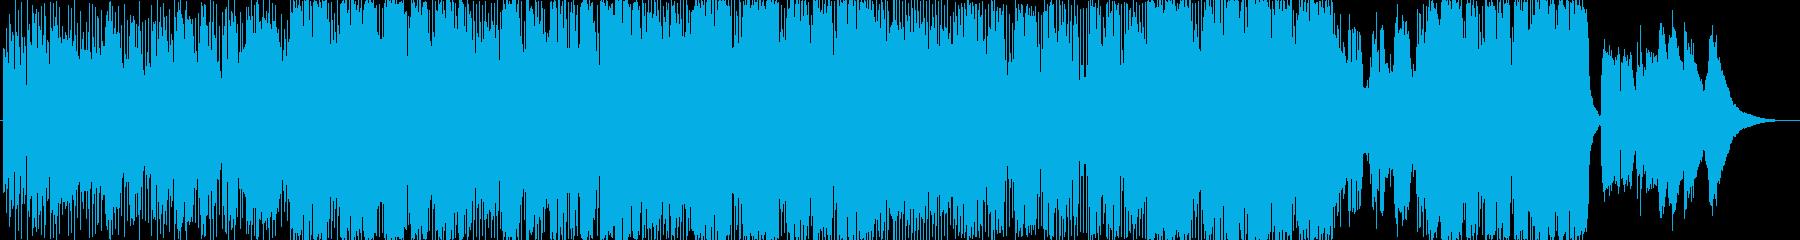 なめらかでリラックスできるメロディーの再生済みの波形